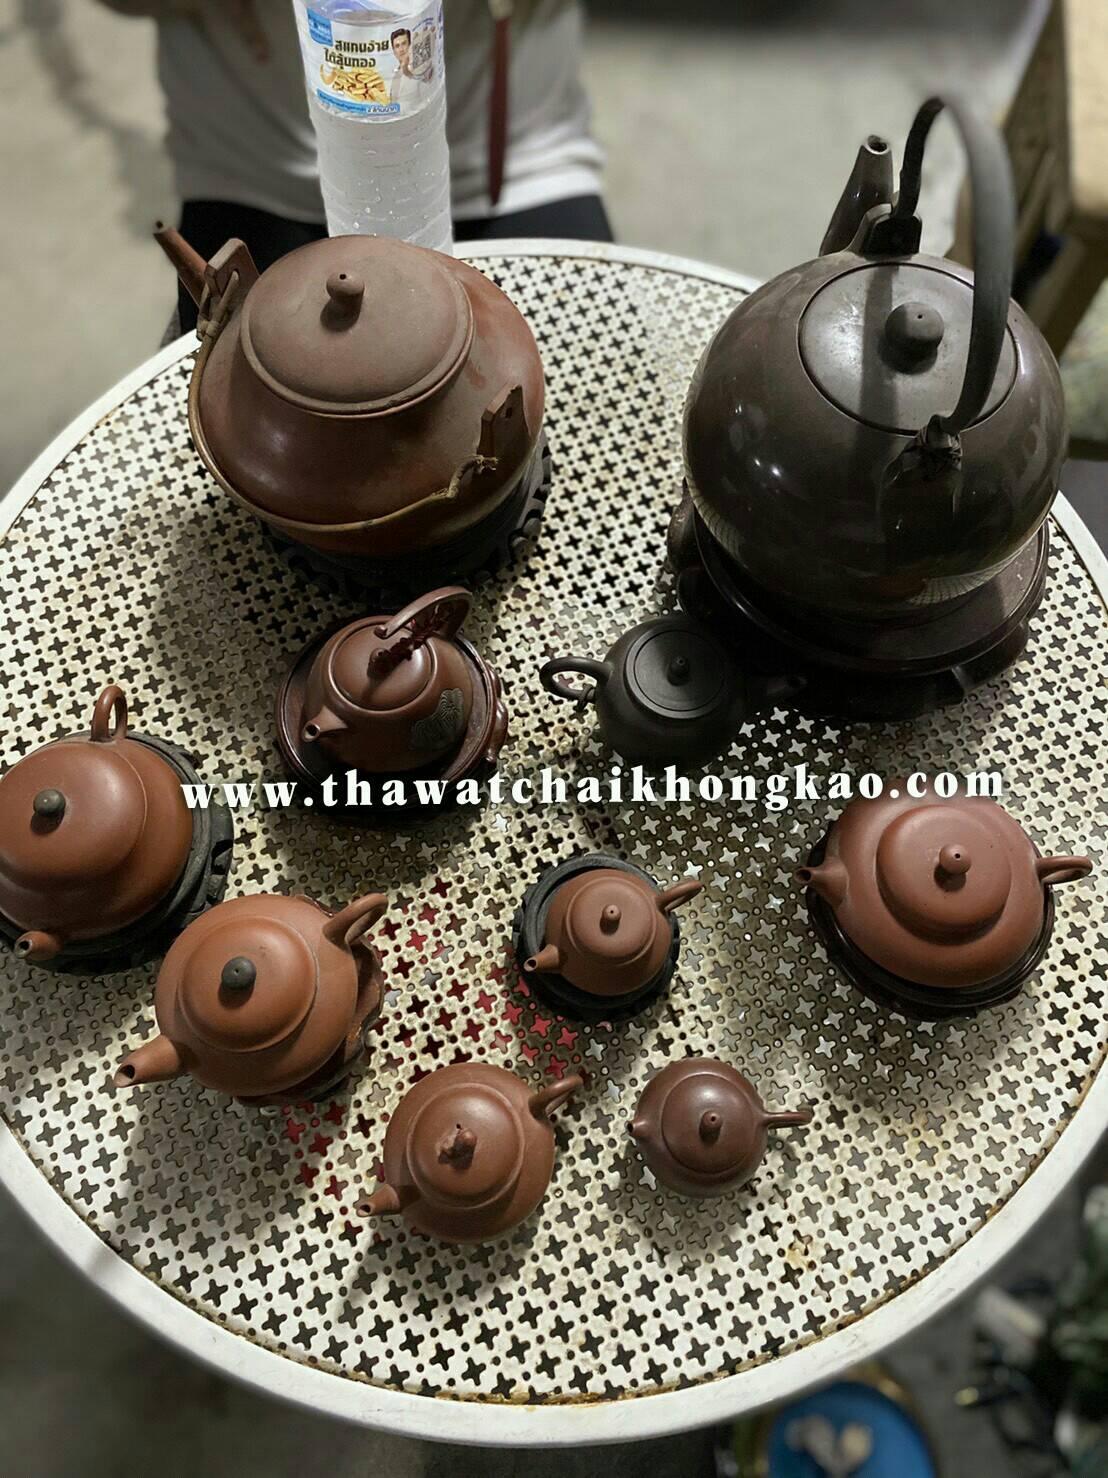 รับซื้อปั้นชาเก่า รับซื้อกาน้ำชาเก่า รับซื้อกาน้ำชาจีน ราคากาน้ำชาเก่า รับซื้อชุดน้ำชาเก่า กาน้ำชากังไส กาน้ำชาลายคราม ราคาซื้อขายกาน้ำชาเก่า